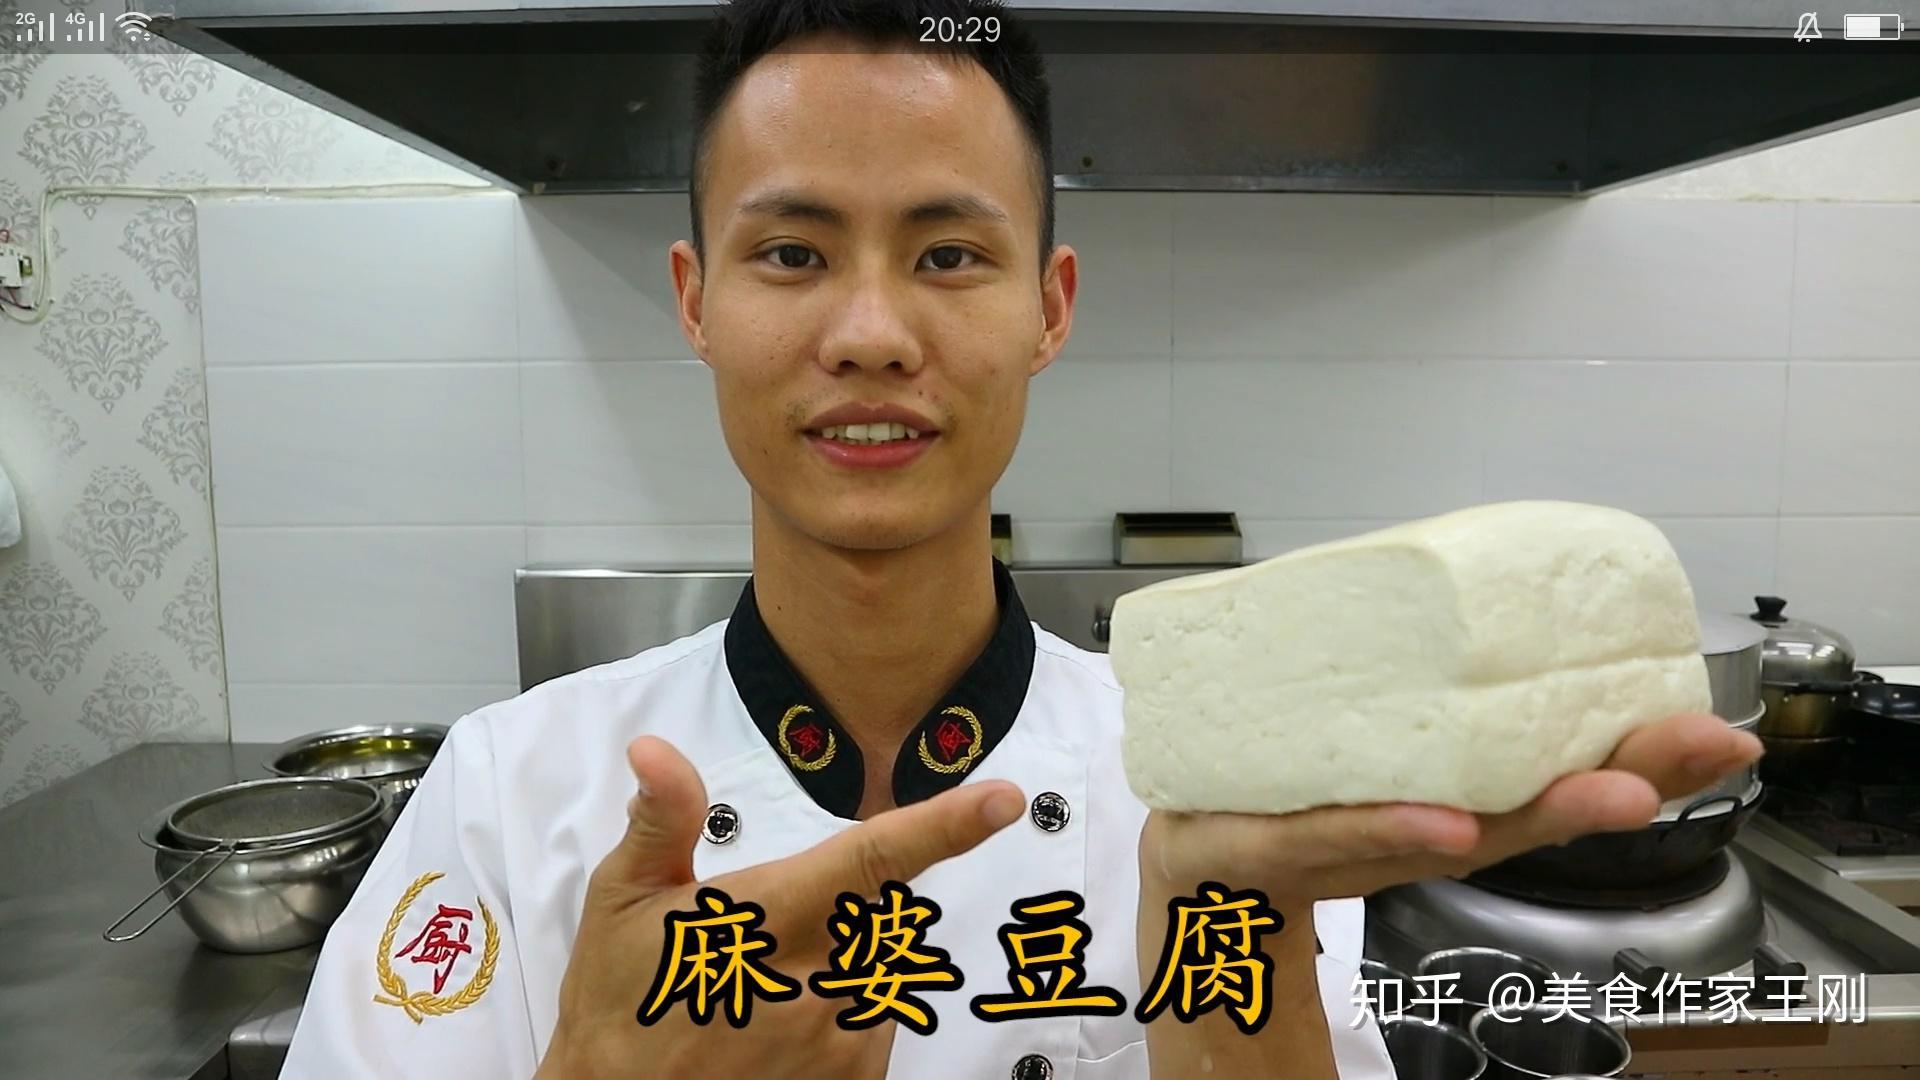 """子弹头泡辣椒_厨师长教你:""""麻婆豆腐""""的正宗做法,麻香味十足 - 知乎"""